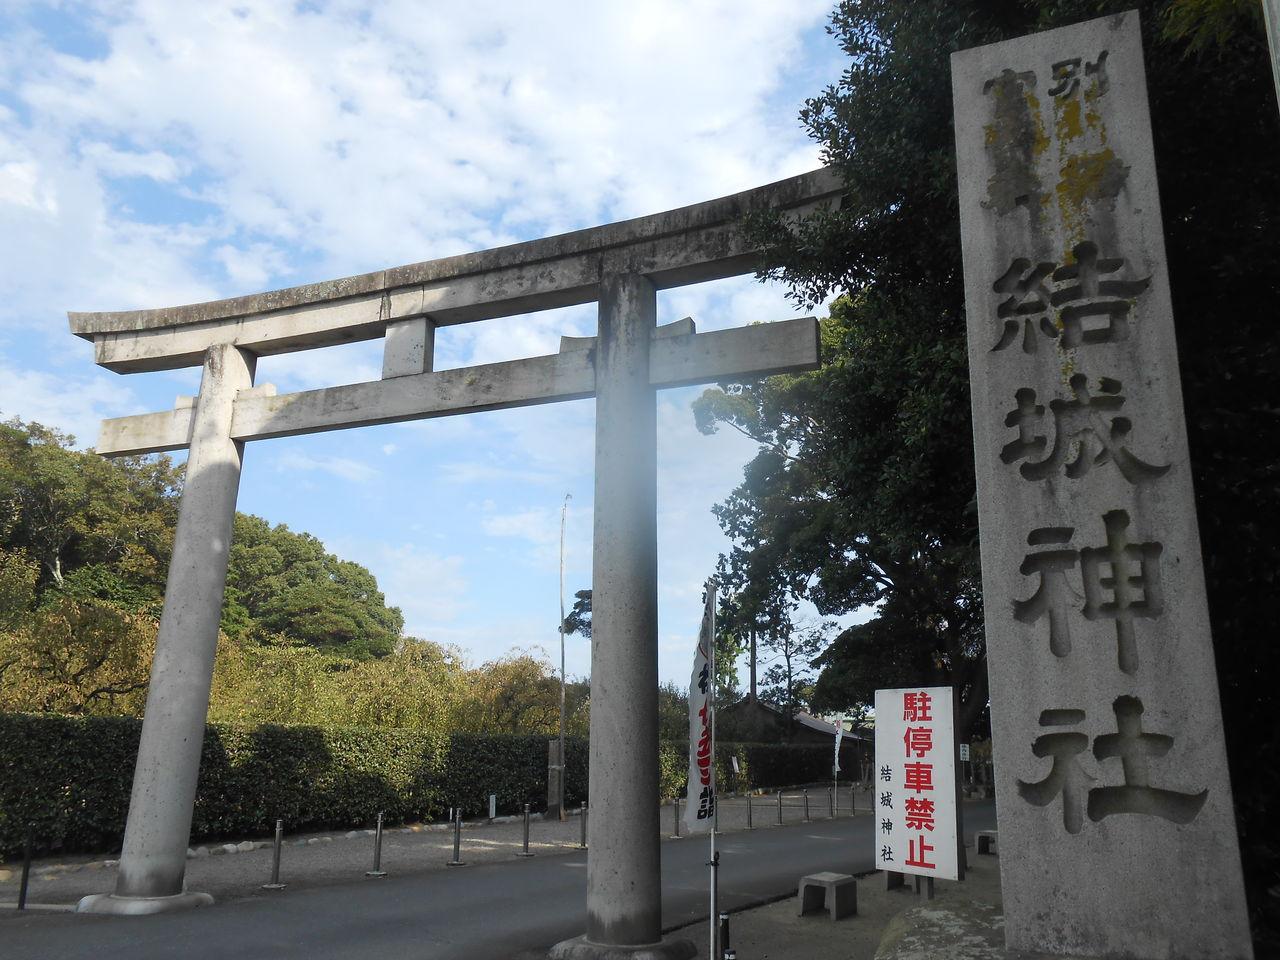 ねもの神社紀行録★ : 結城神社